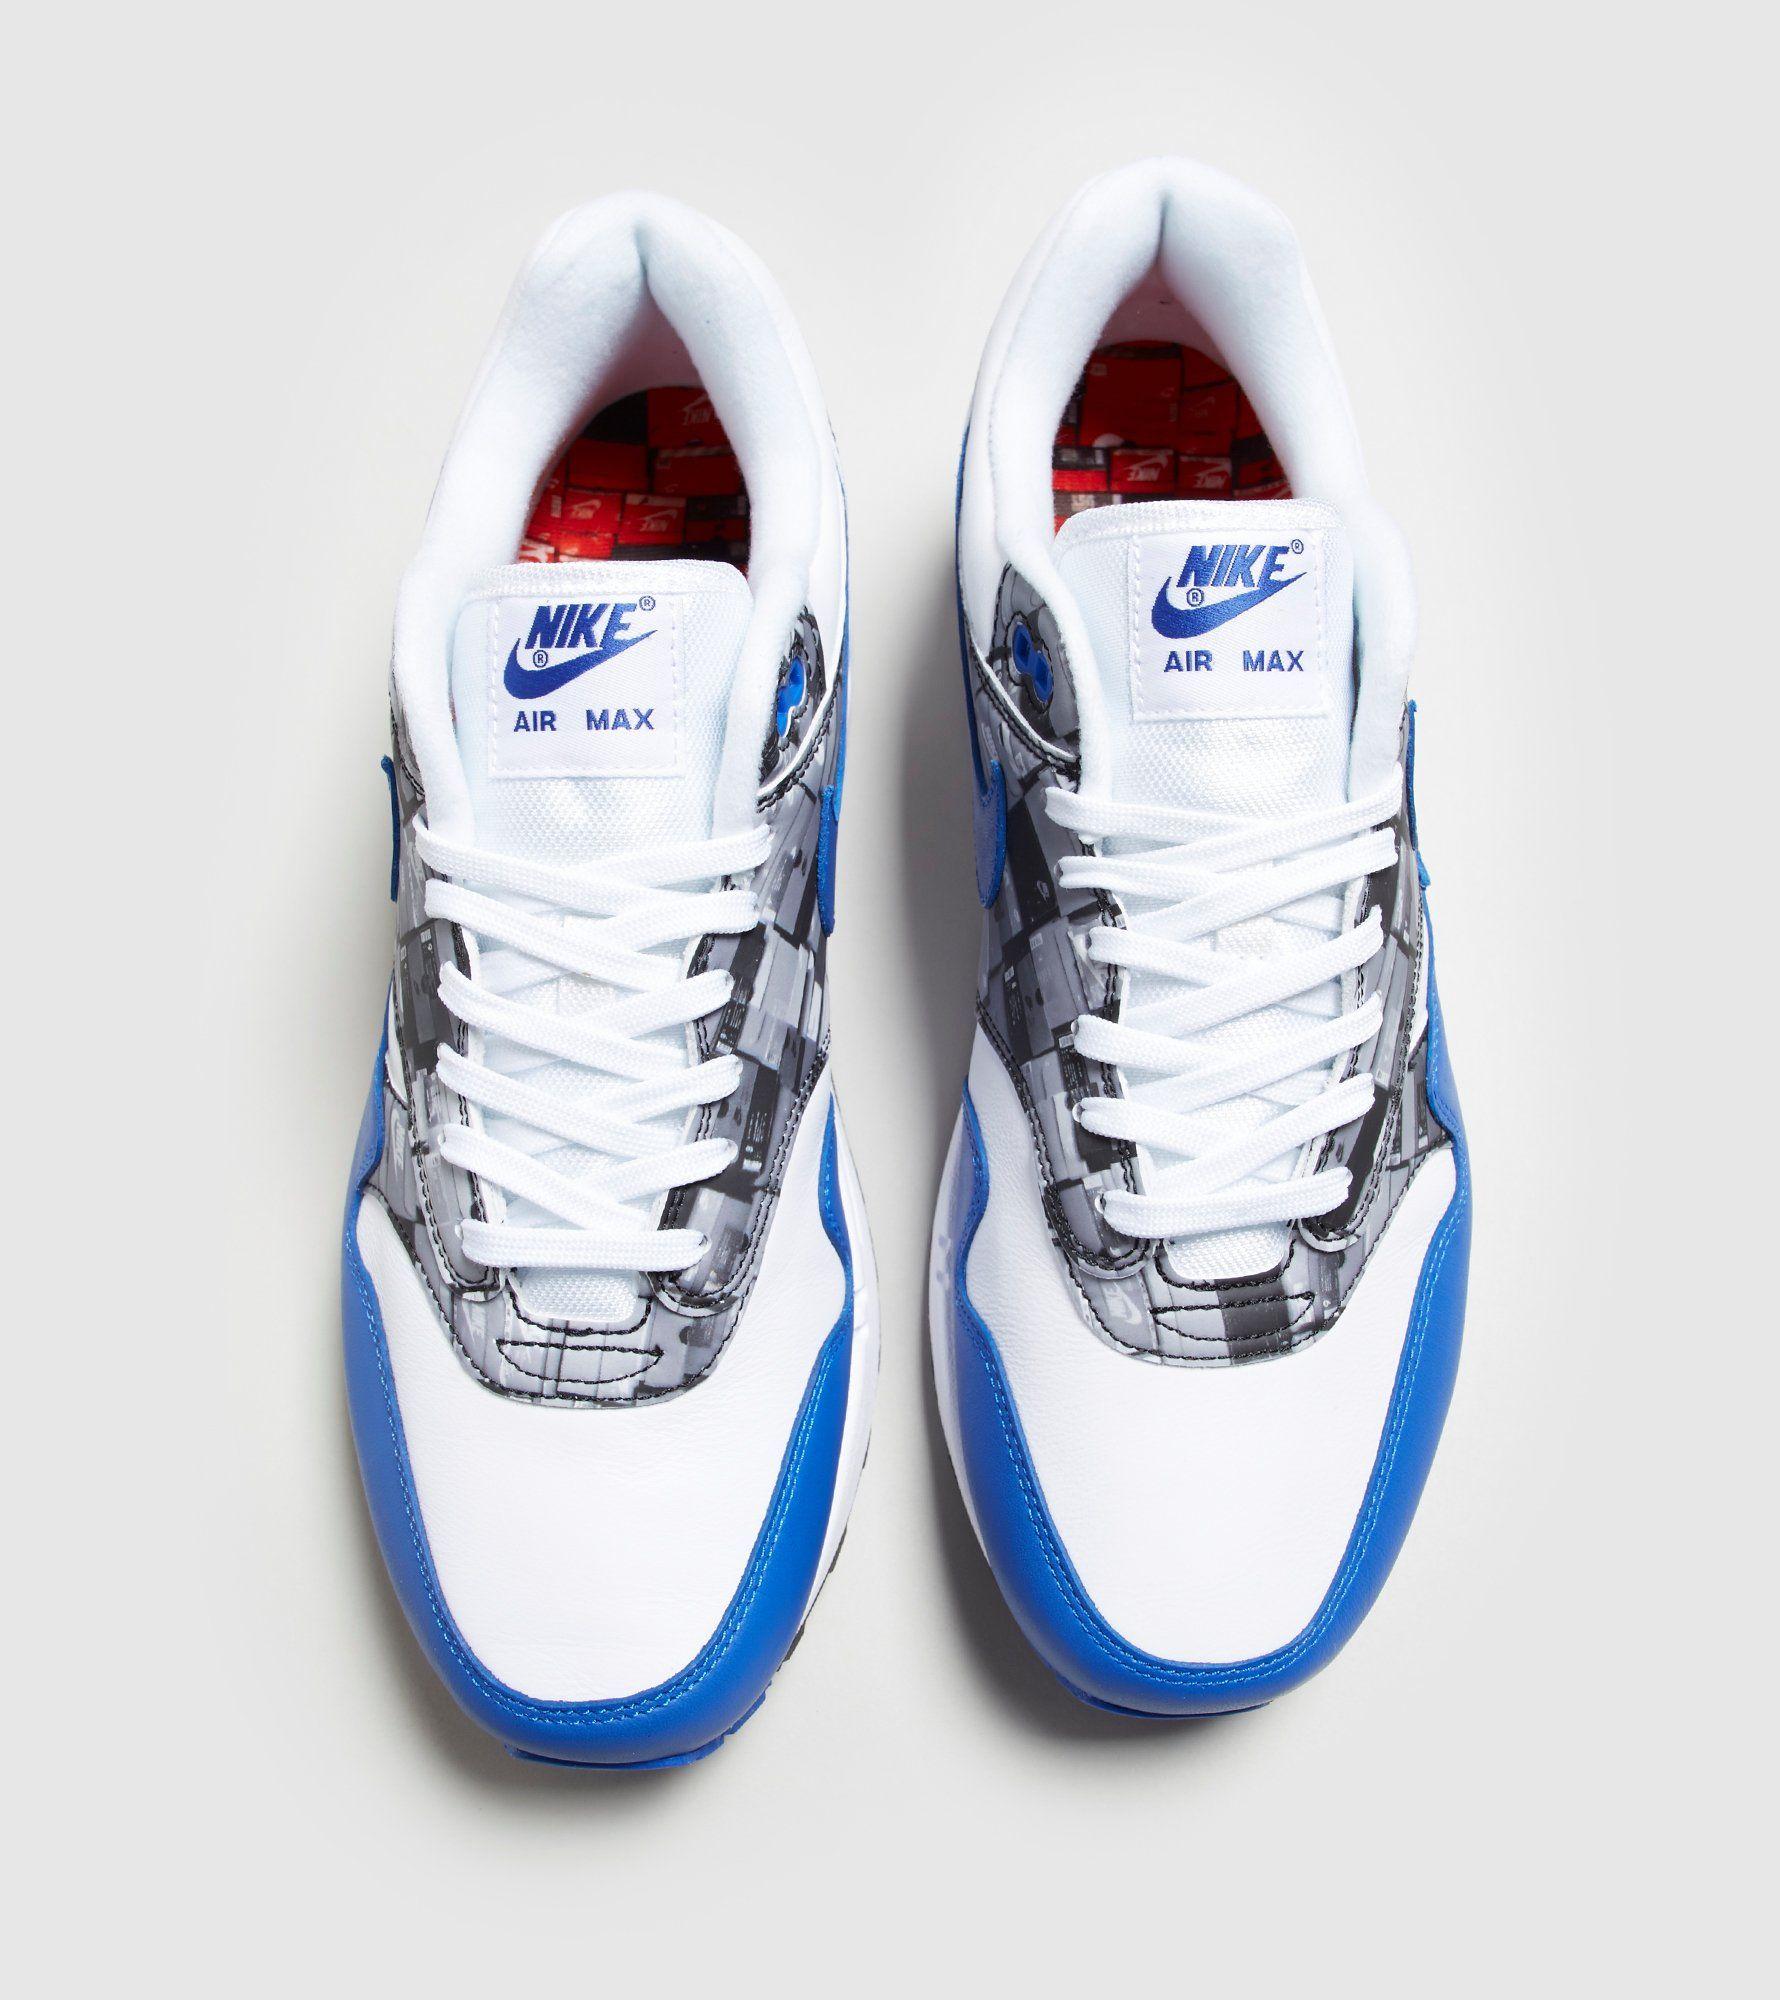 Nike x atmos Air Max 1 'Print'